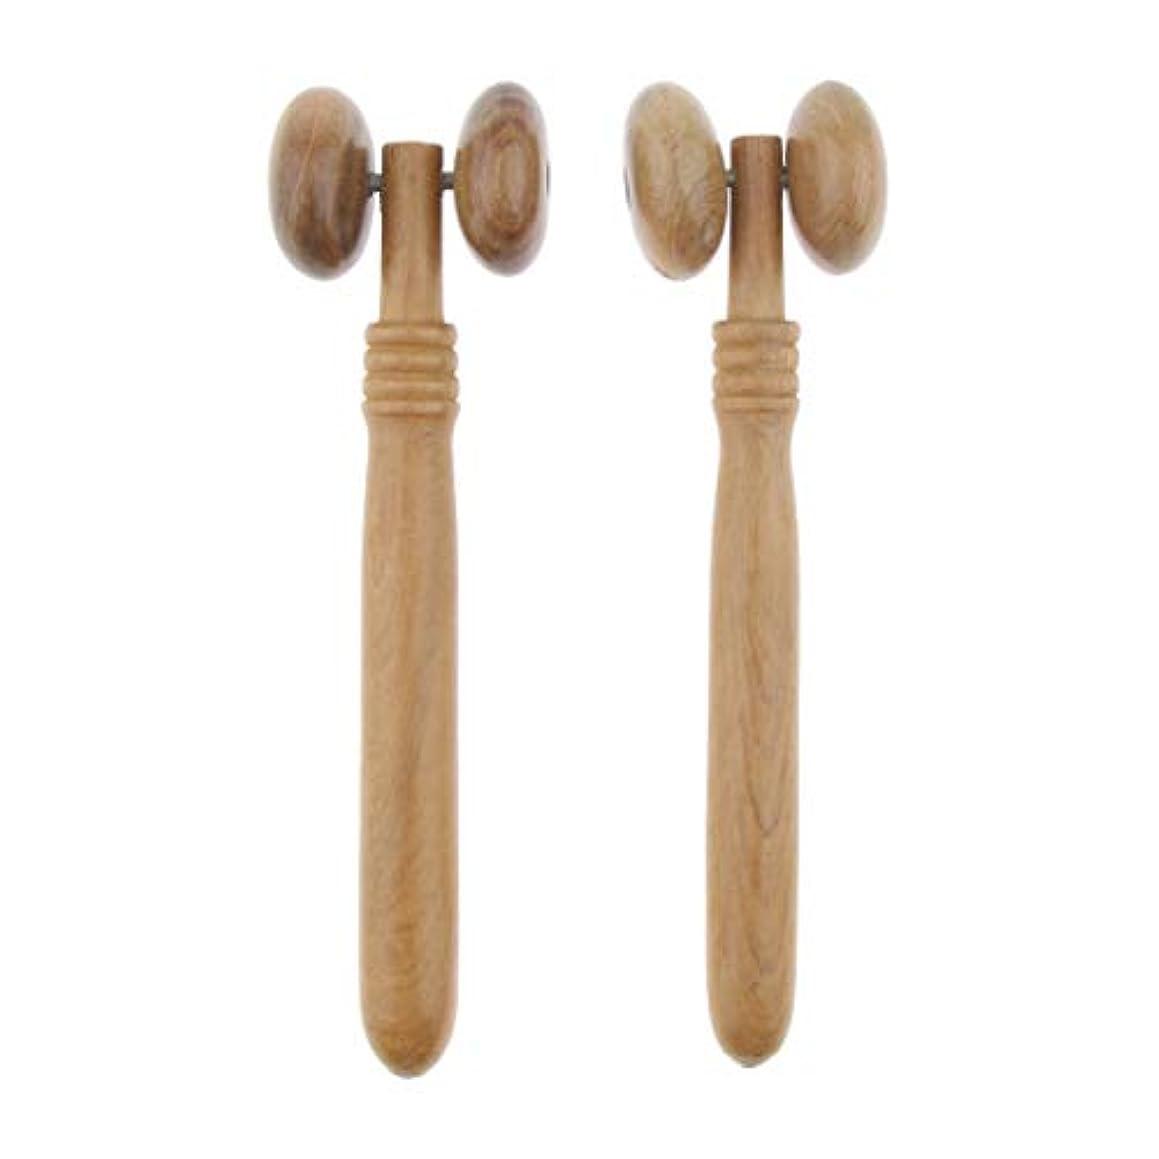 性能クリークモトリーPerfeclan フェイスローラー マッサージャー 木製 按摩器 手動式 首 顔 ネック ボディ 多機能 使いやすい